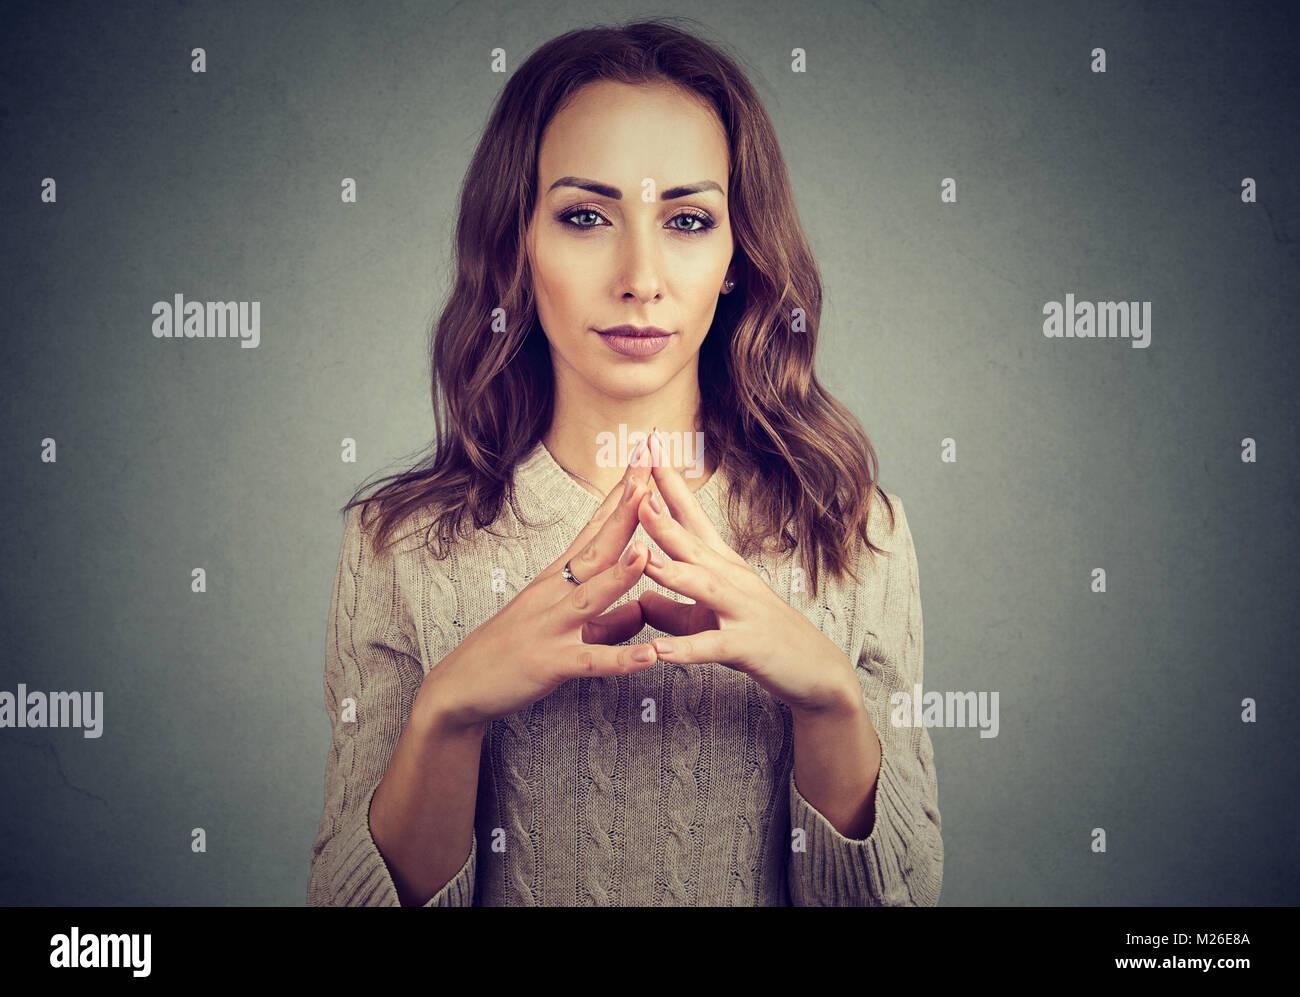 Jeune femme sly tenant la main de tourner les intrigues et à la ruse. Photo Stock